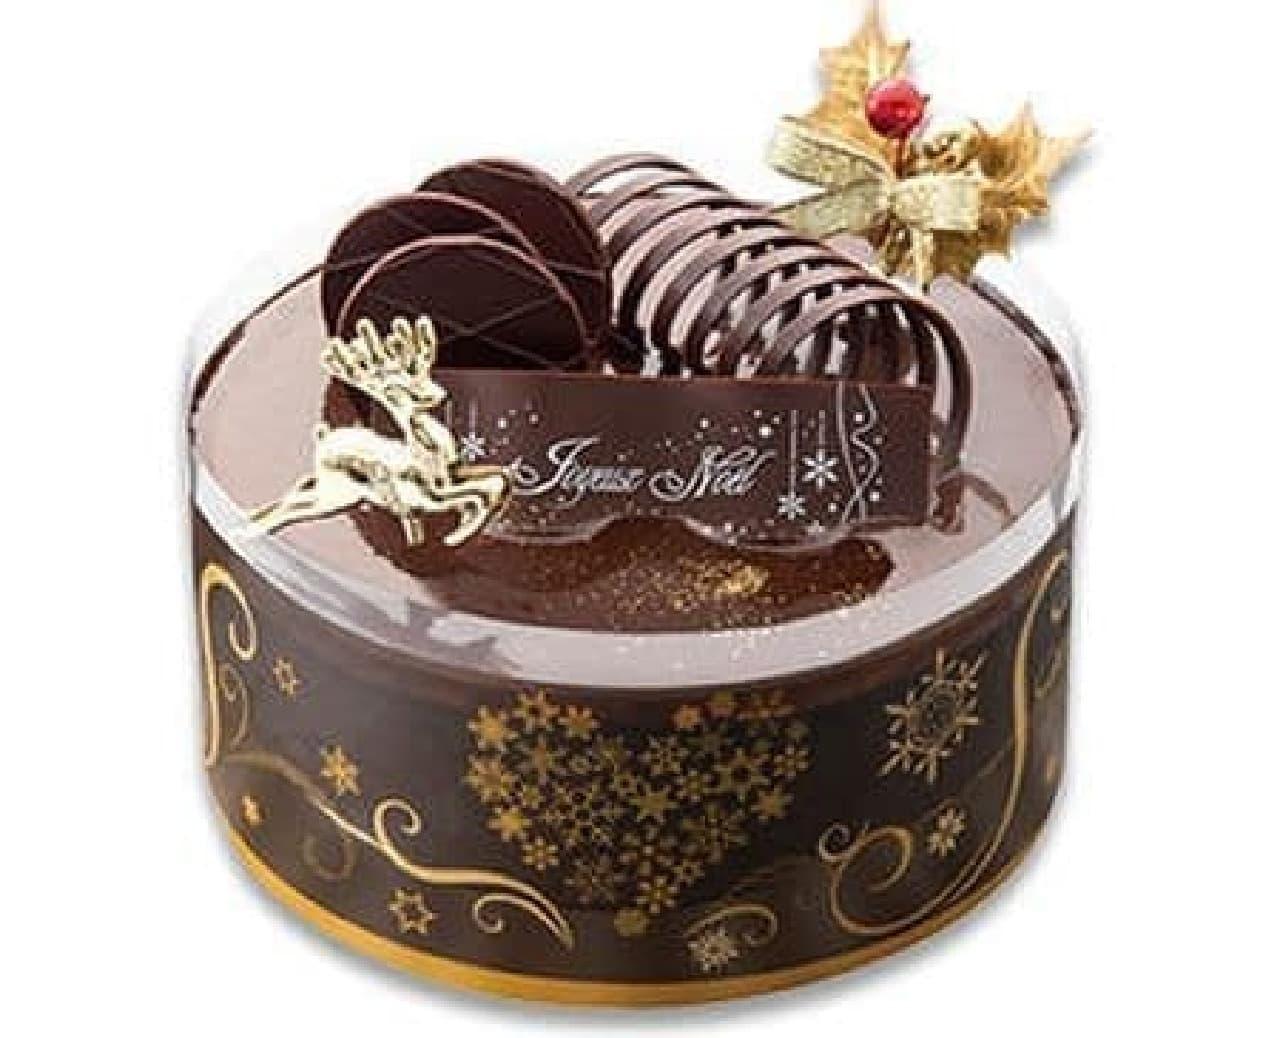 不二家「フランス産ショコラ入りムースのプレミアムクリスマスケーキ」